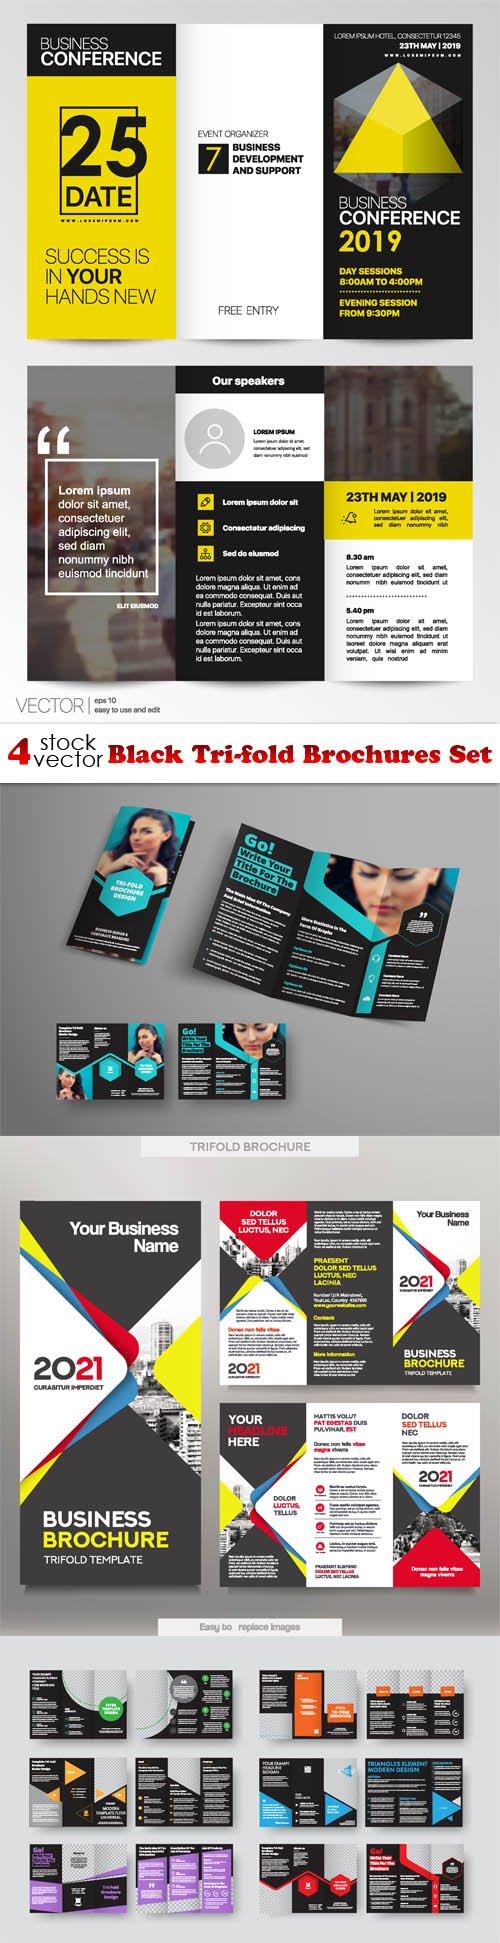 Vectors - Black Tri-fold Brochures Set